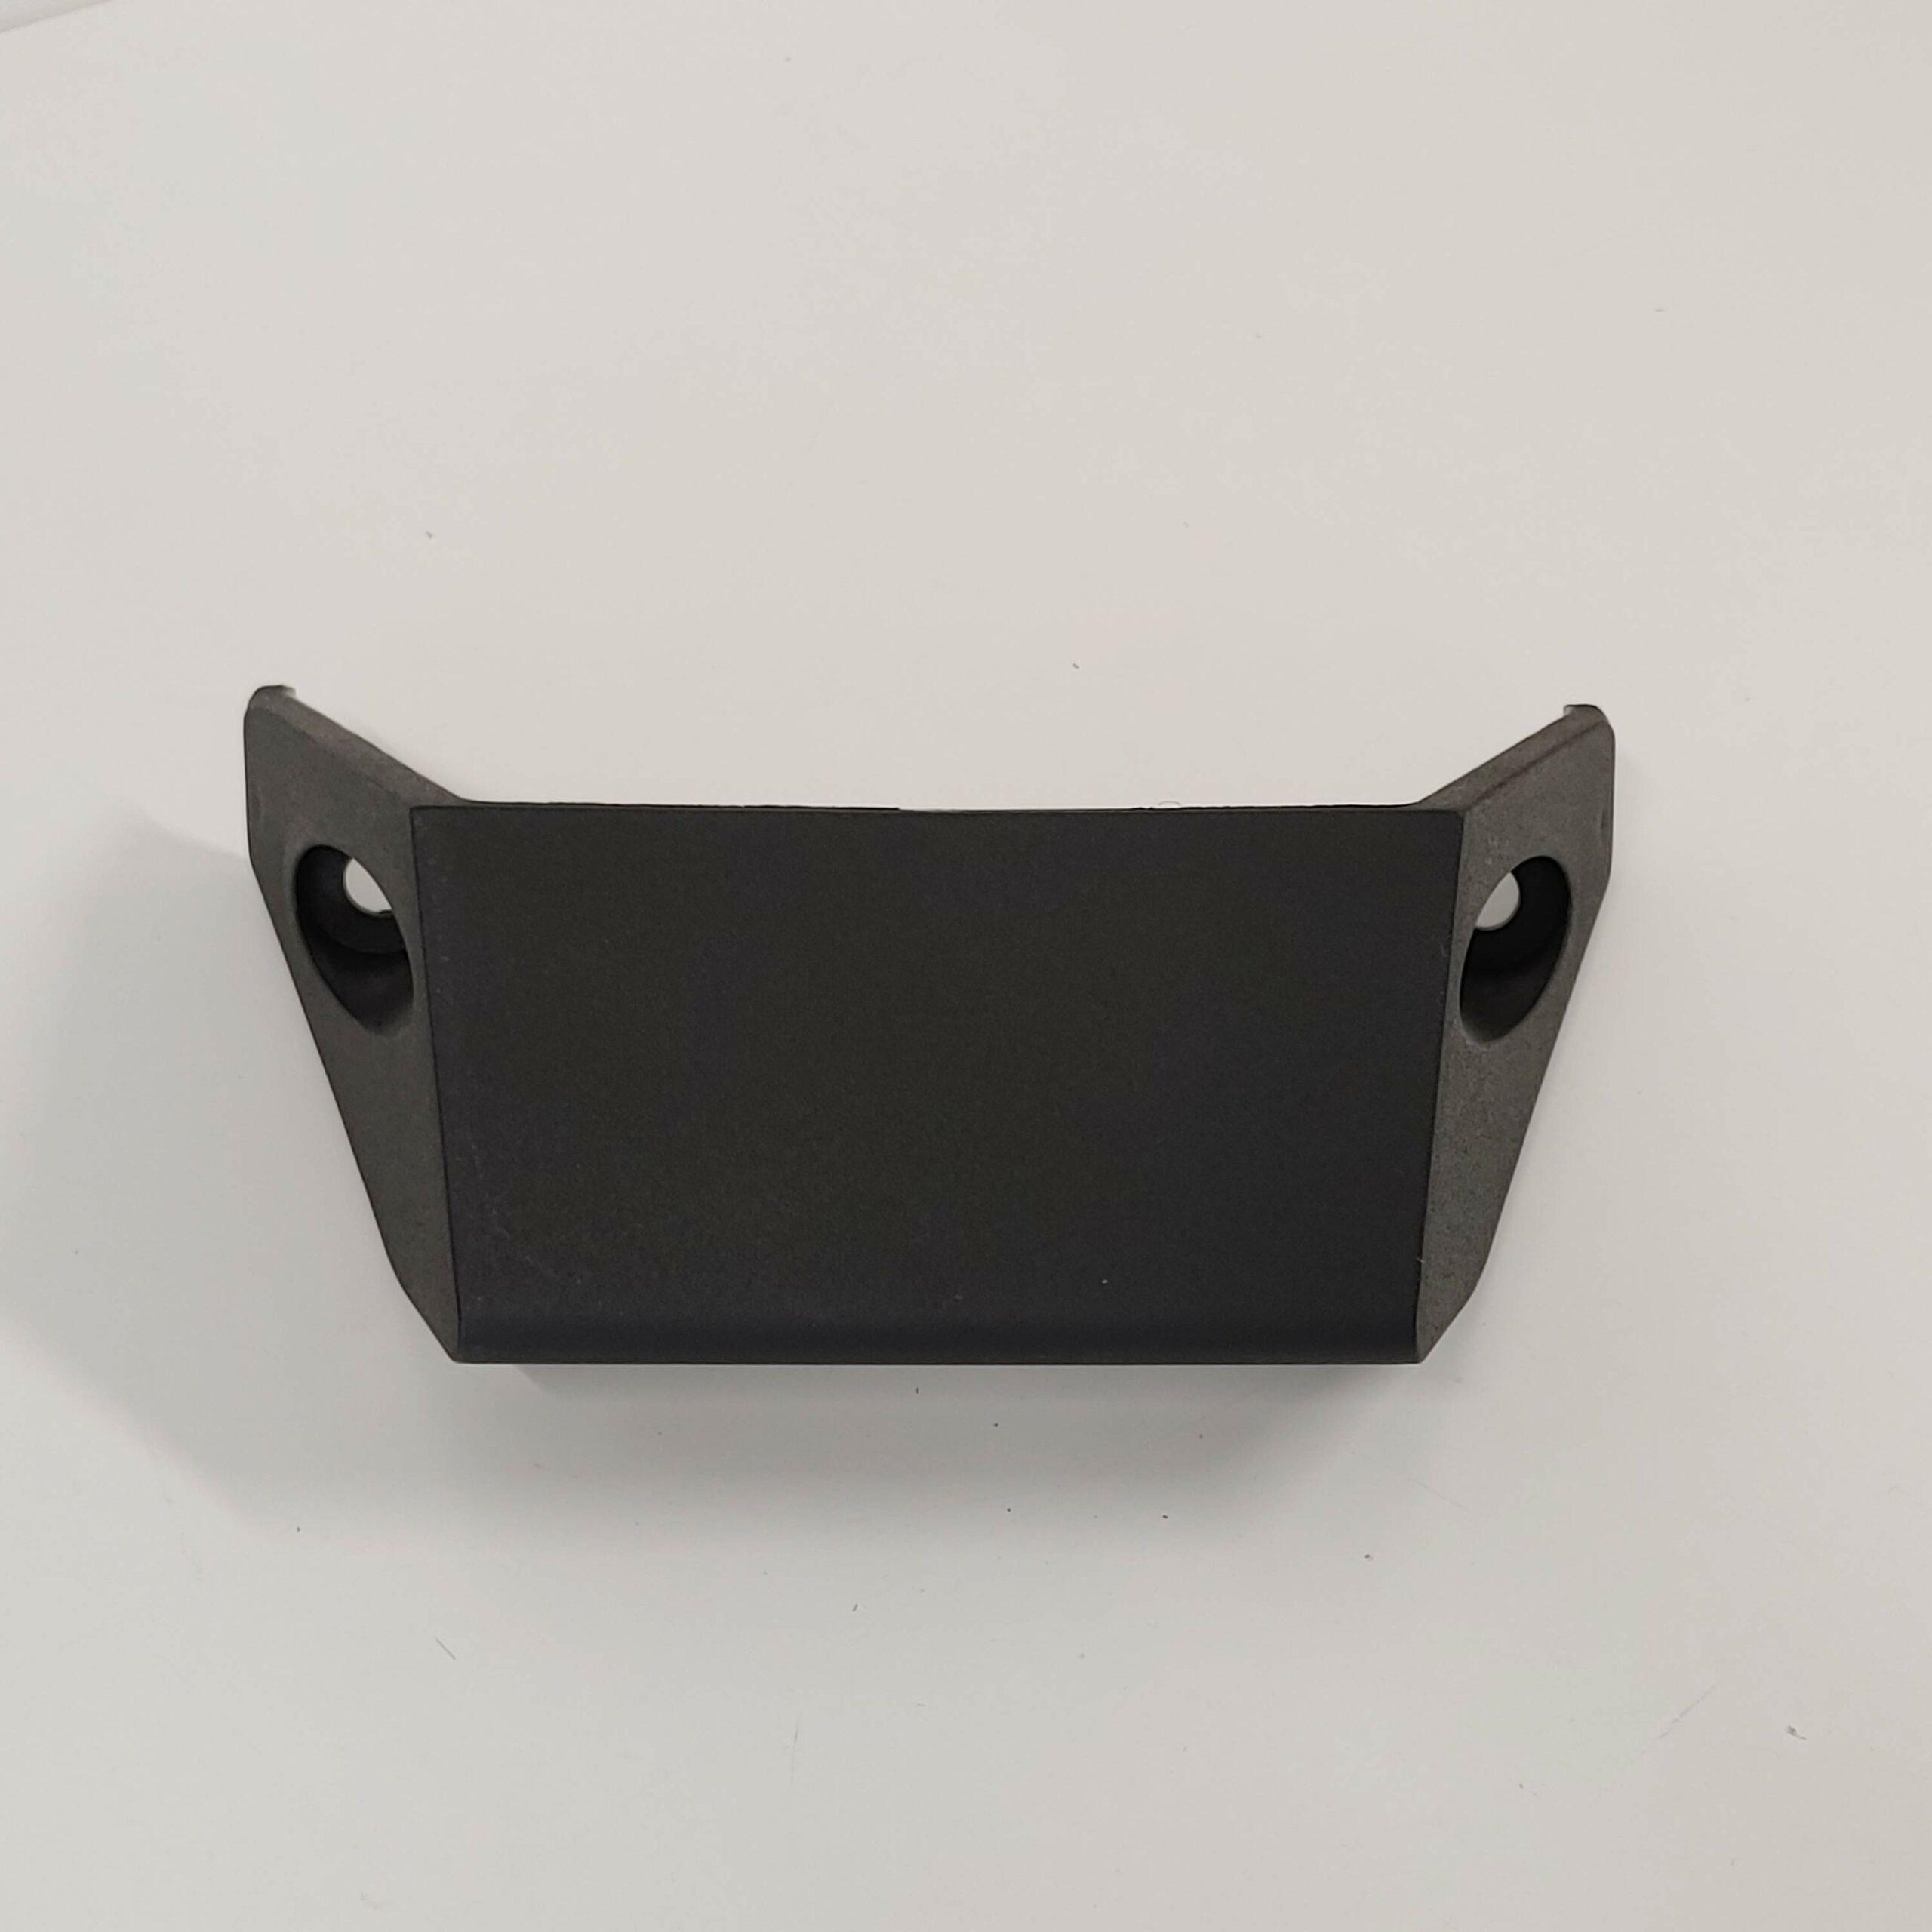 Plasthlíf (fremri) á standpall á Mantis 10 Dual/Pro/Lite